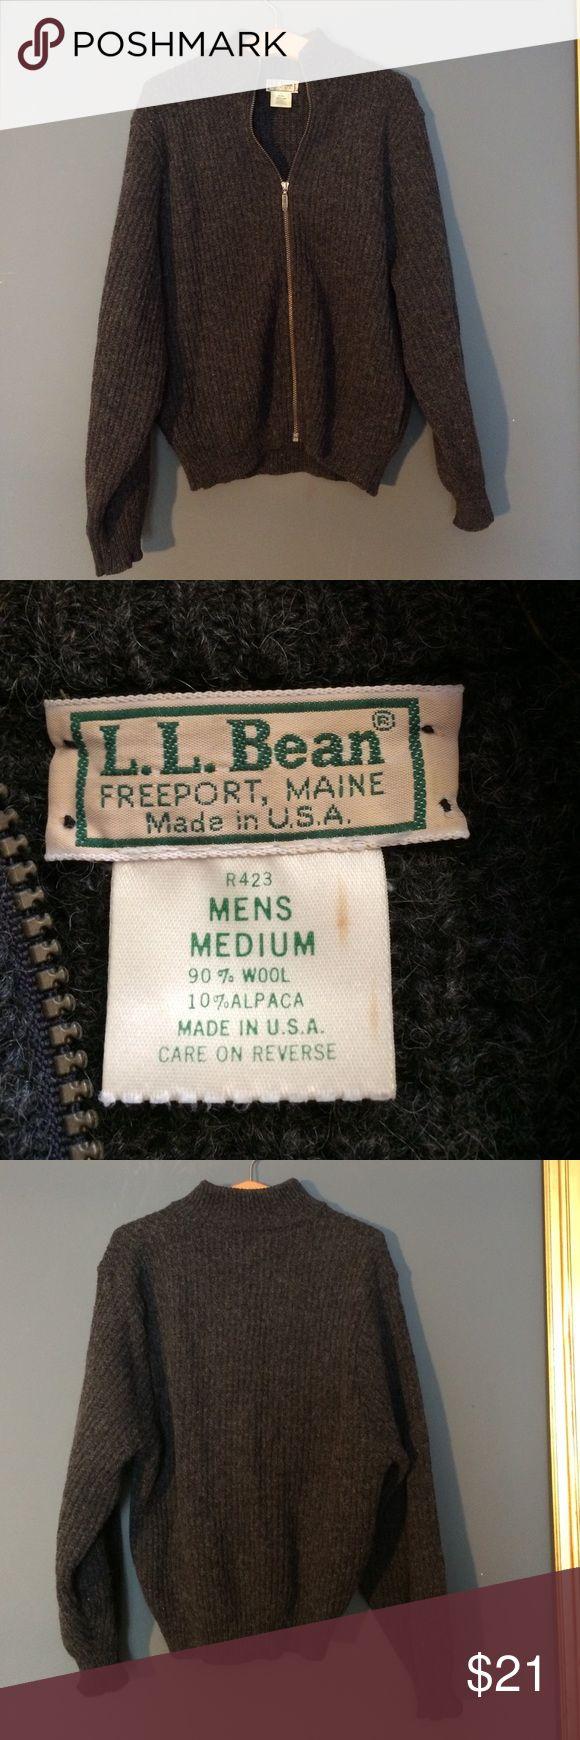 LL Bean men's Cardigan 90% Wool 10% Alpaca Size M LL Bean men's Cardigan 90% Wool 10% Alpaca Size M. Dark gray black in great shape L.L. Bean Sweaters Cardigan